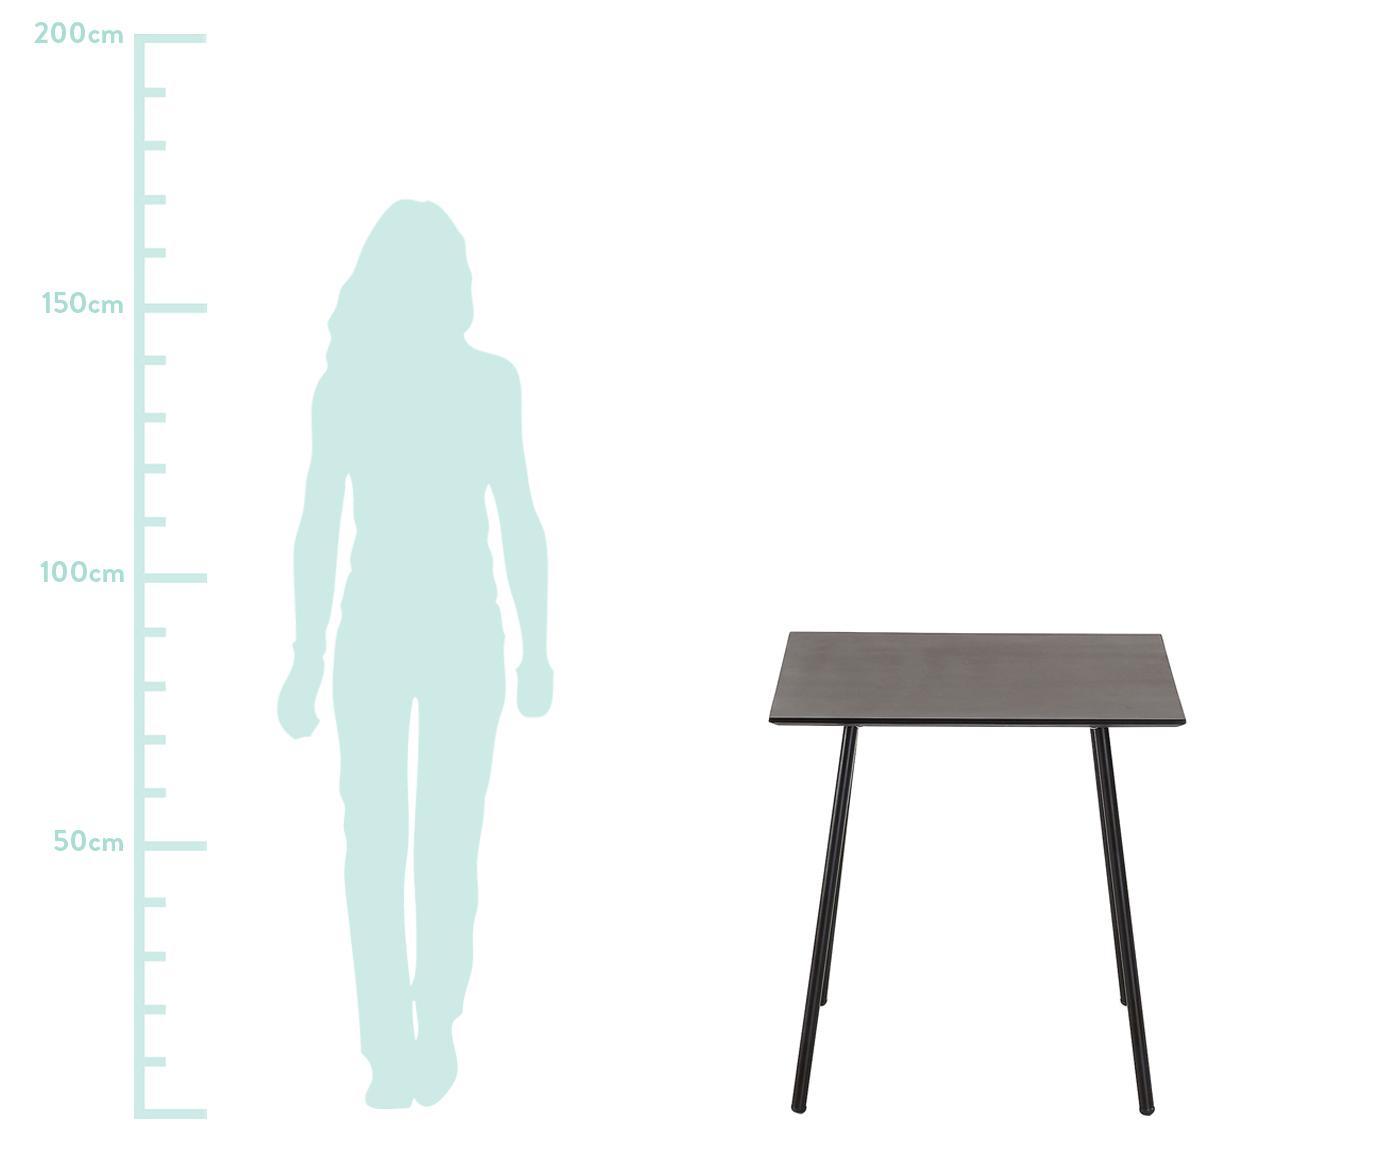 Mały stół do balkonowy z metalu Mathis, Blat: poli-cement, Nogi: metal malowany proszkowo, Czarny, S 75 x W 75 cm